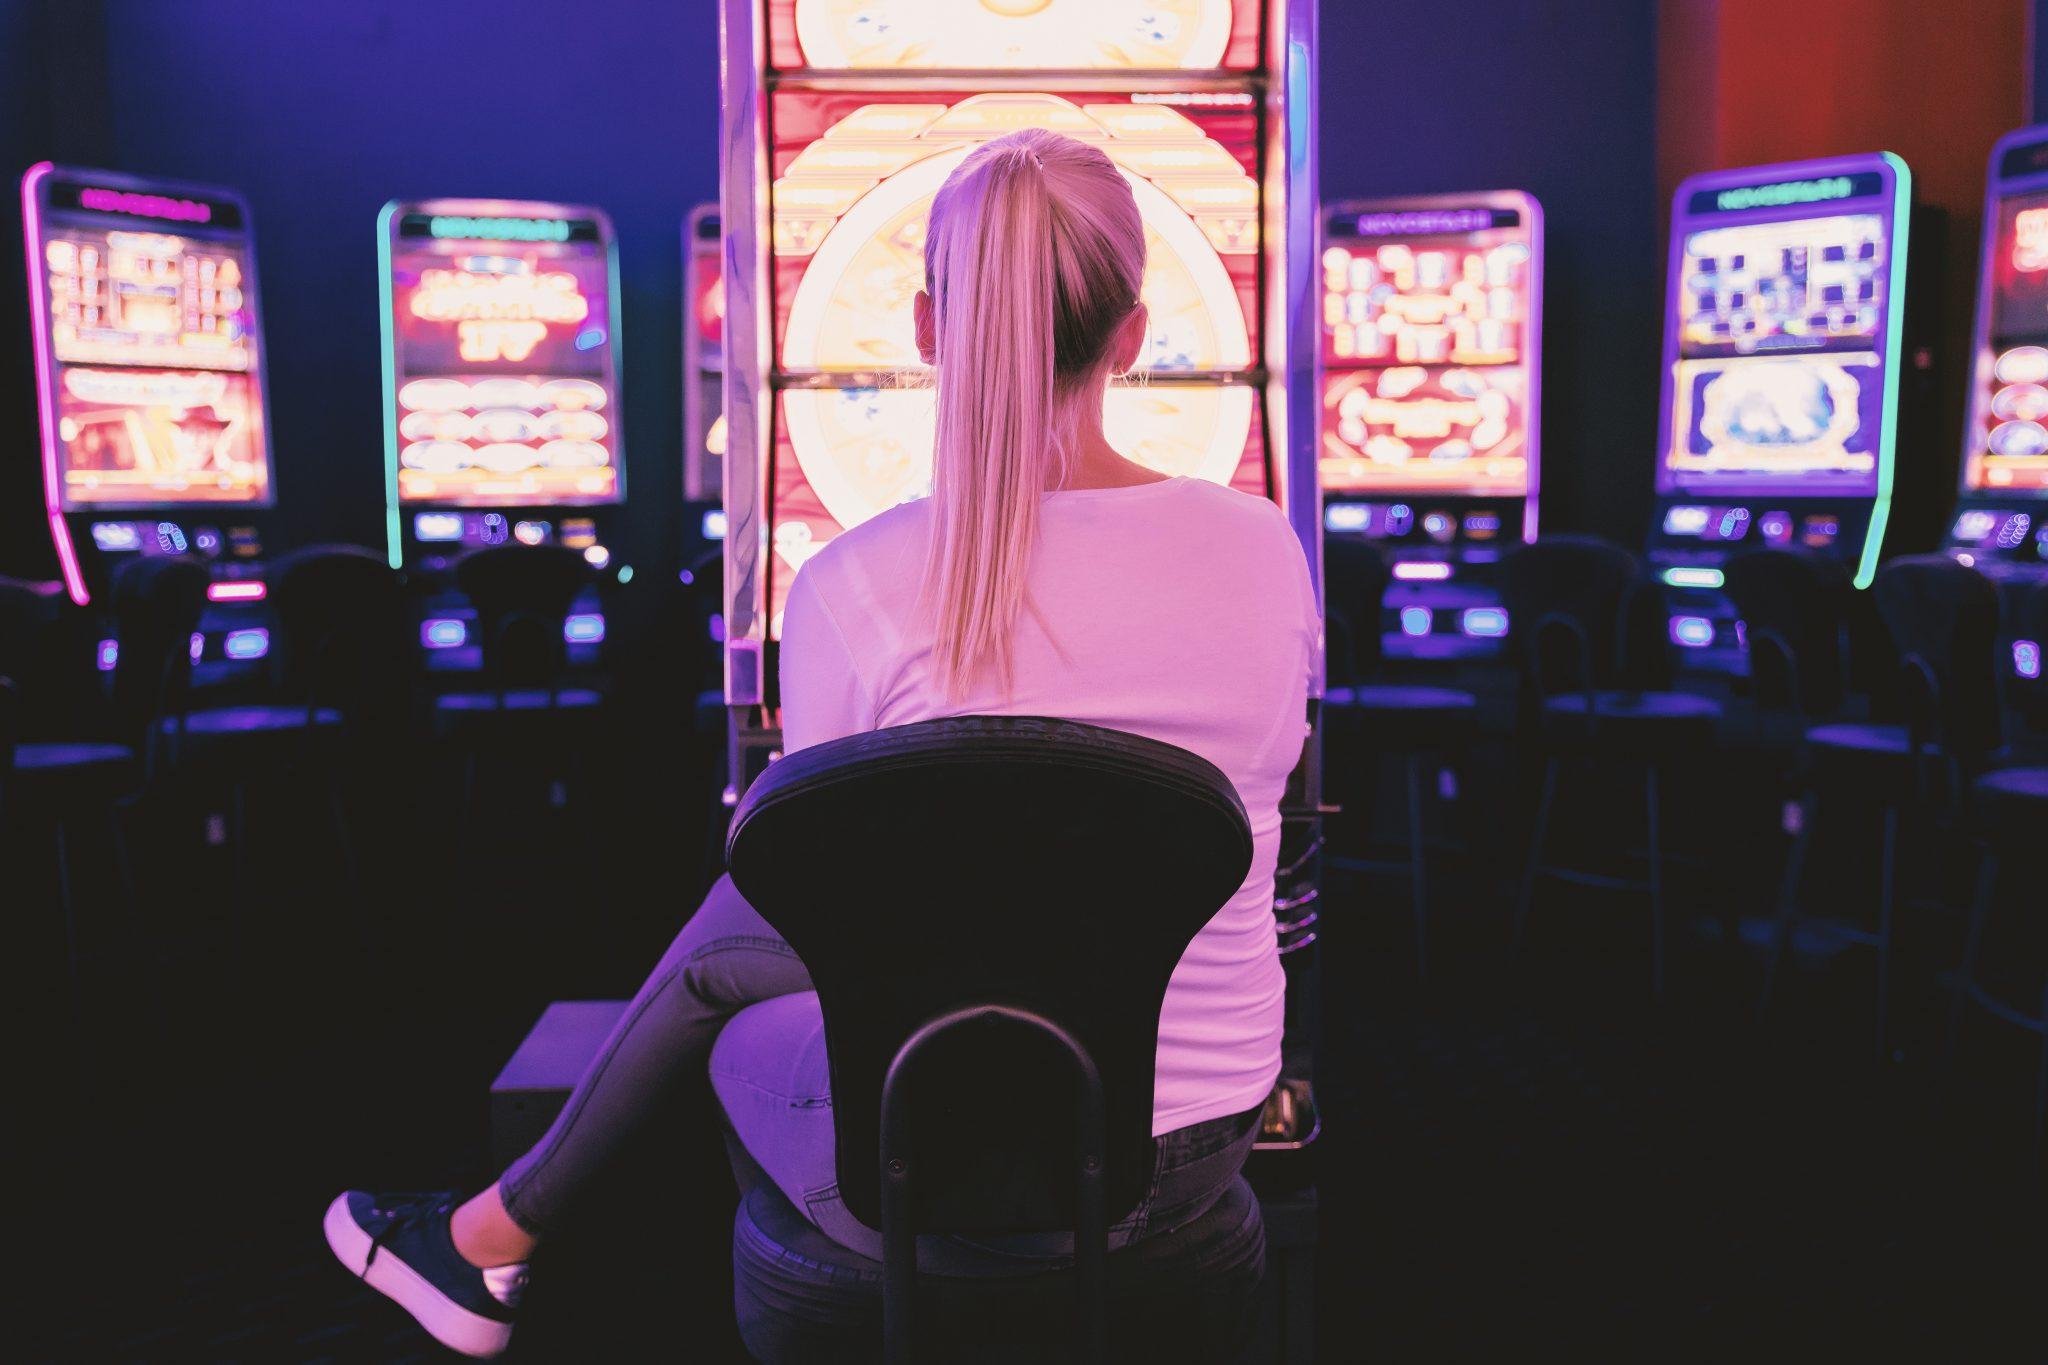 Casino Kvinde på Stol ved Spillemaskiner